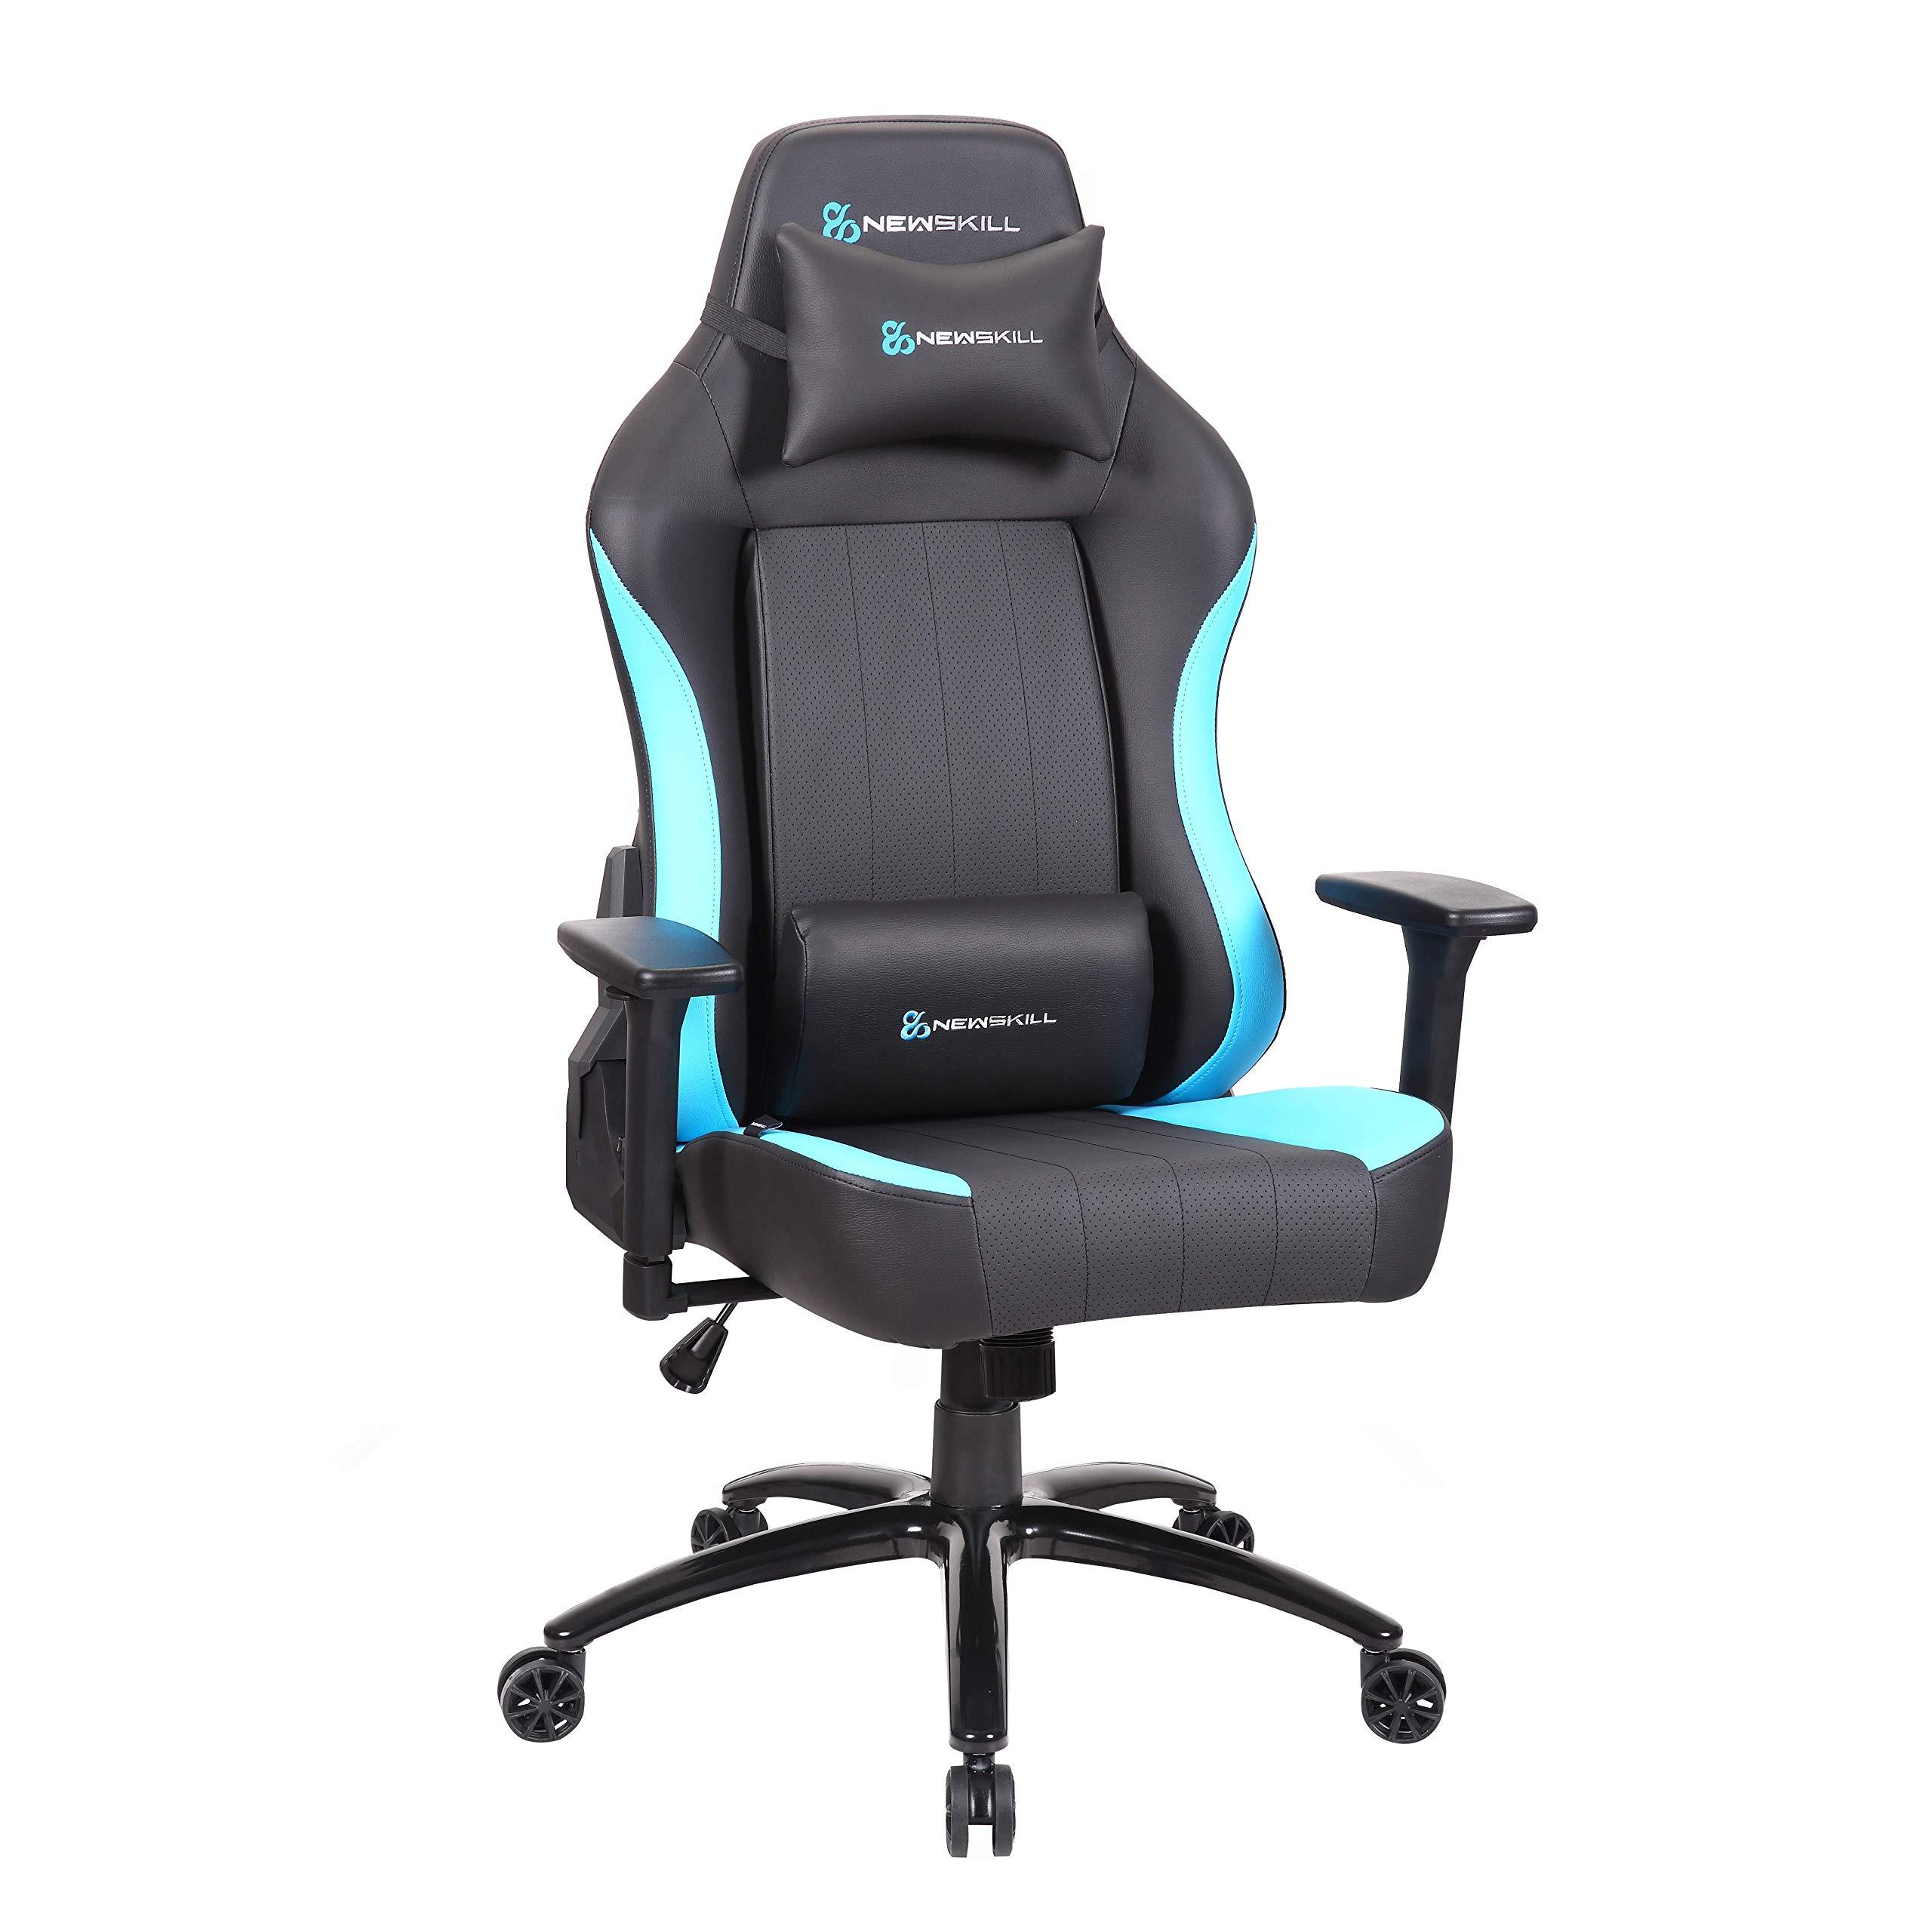 Newskill Akeron – Silla gaming profesional con marco de acero reforzado (sistema de balanceo, reclinable hasta 180 grados, reposabrazos 3D) – Color Azul